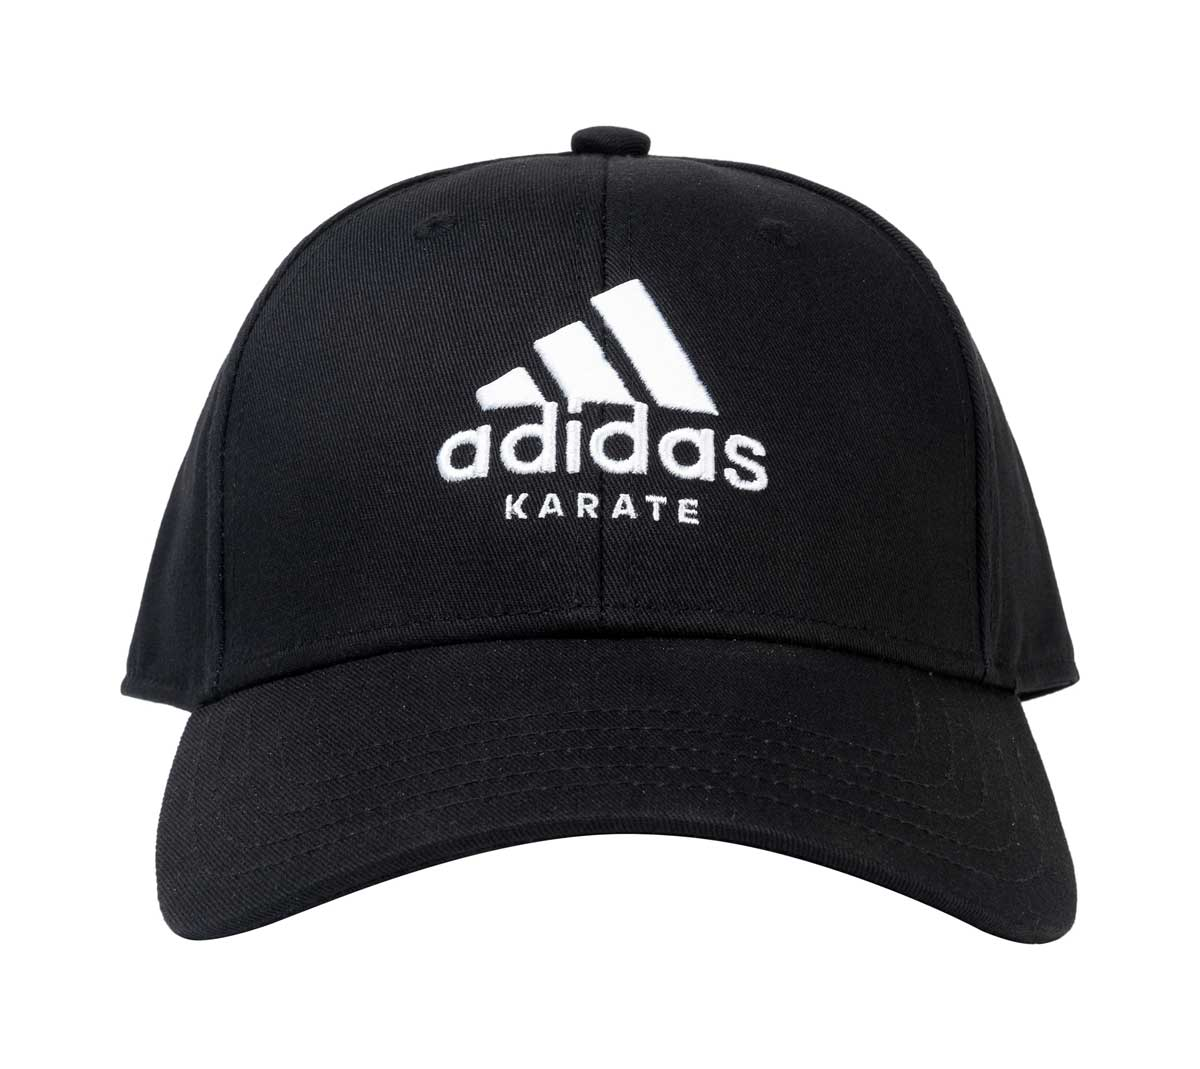 Бейсболка Adidas Baseball Cap Karate черно-белая, размер 58-60см, adiCAP01